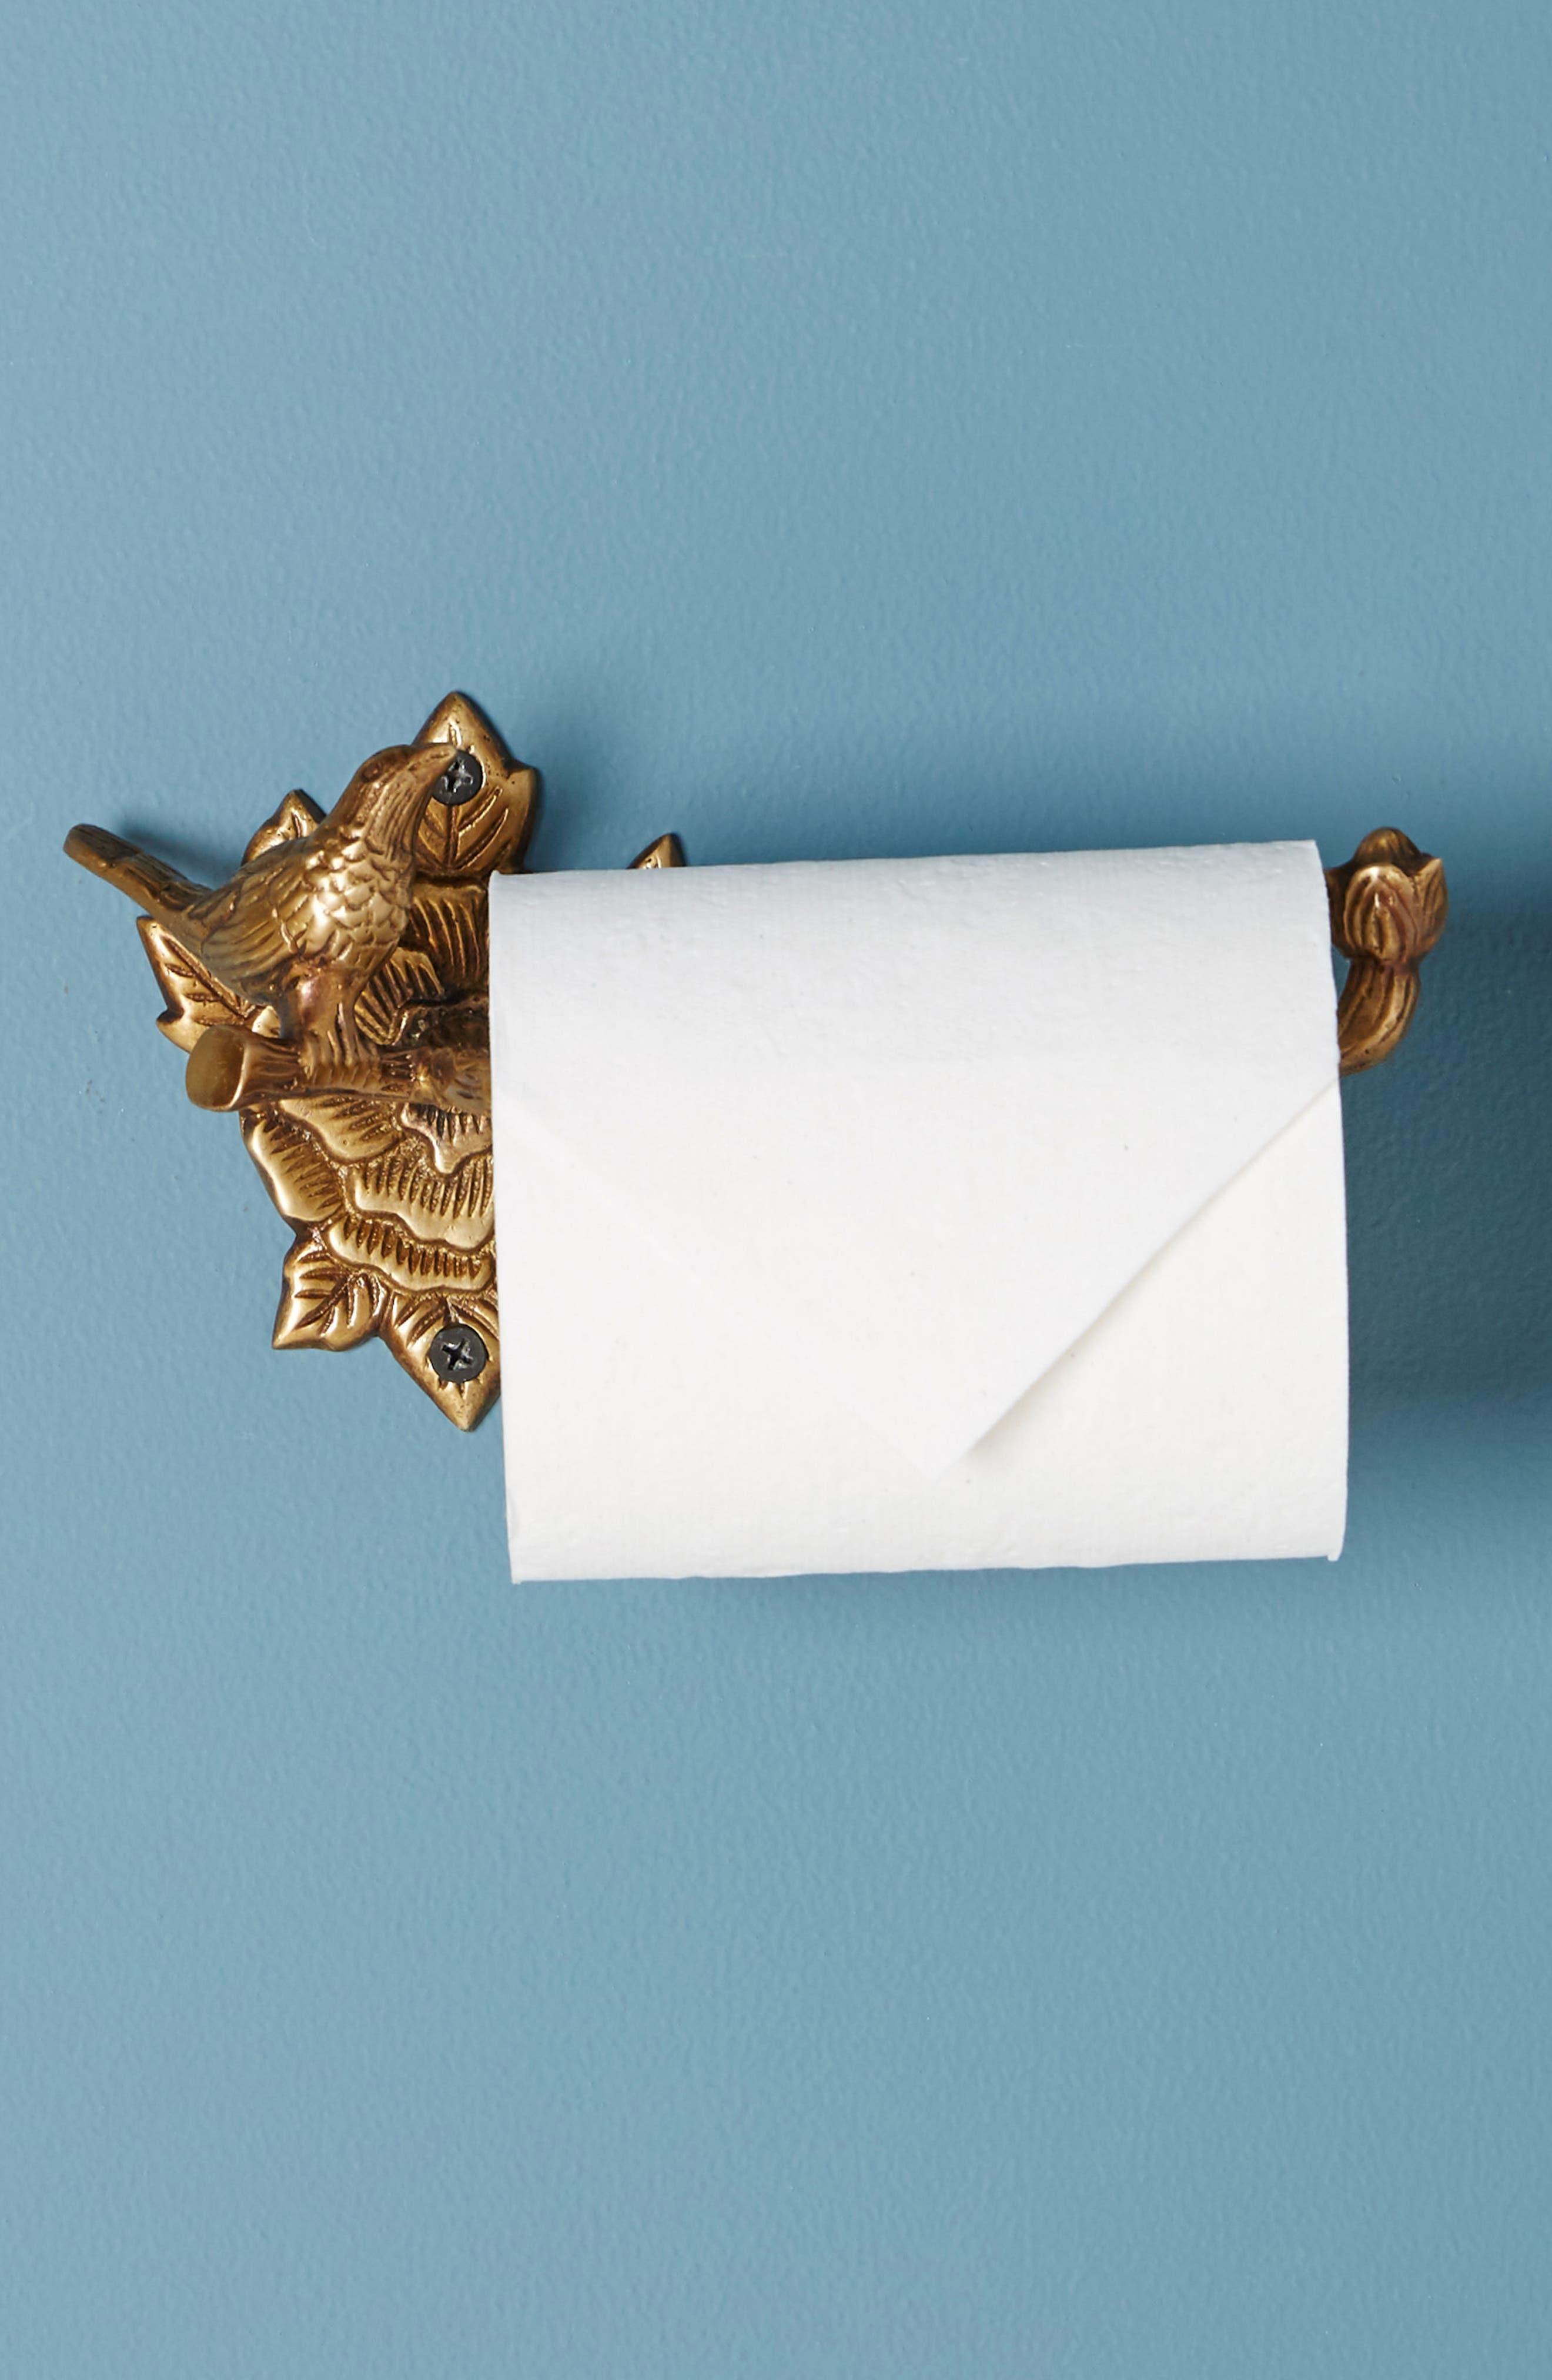 Everlee Toilet Paper Holder,                             Alternate thumbnail 3, color,                             Bronze